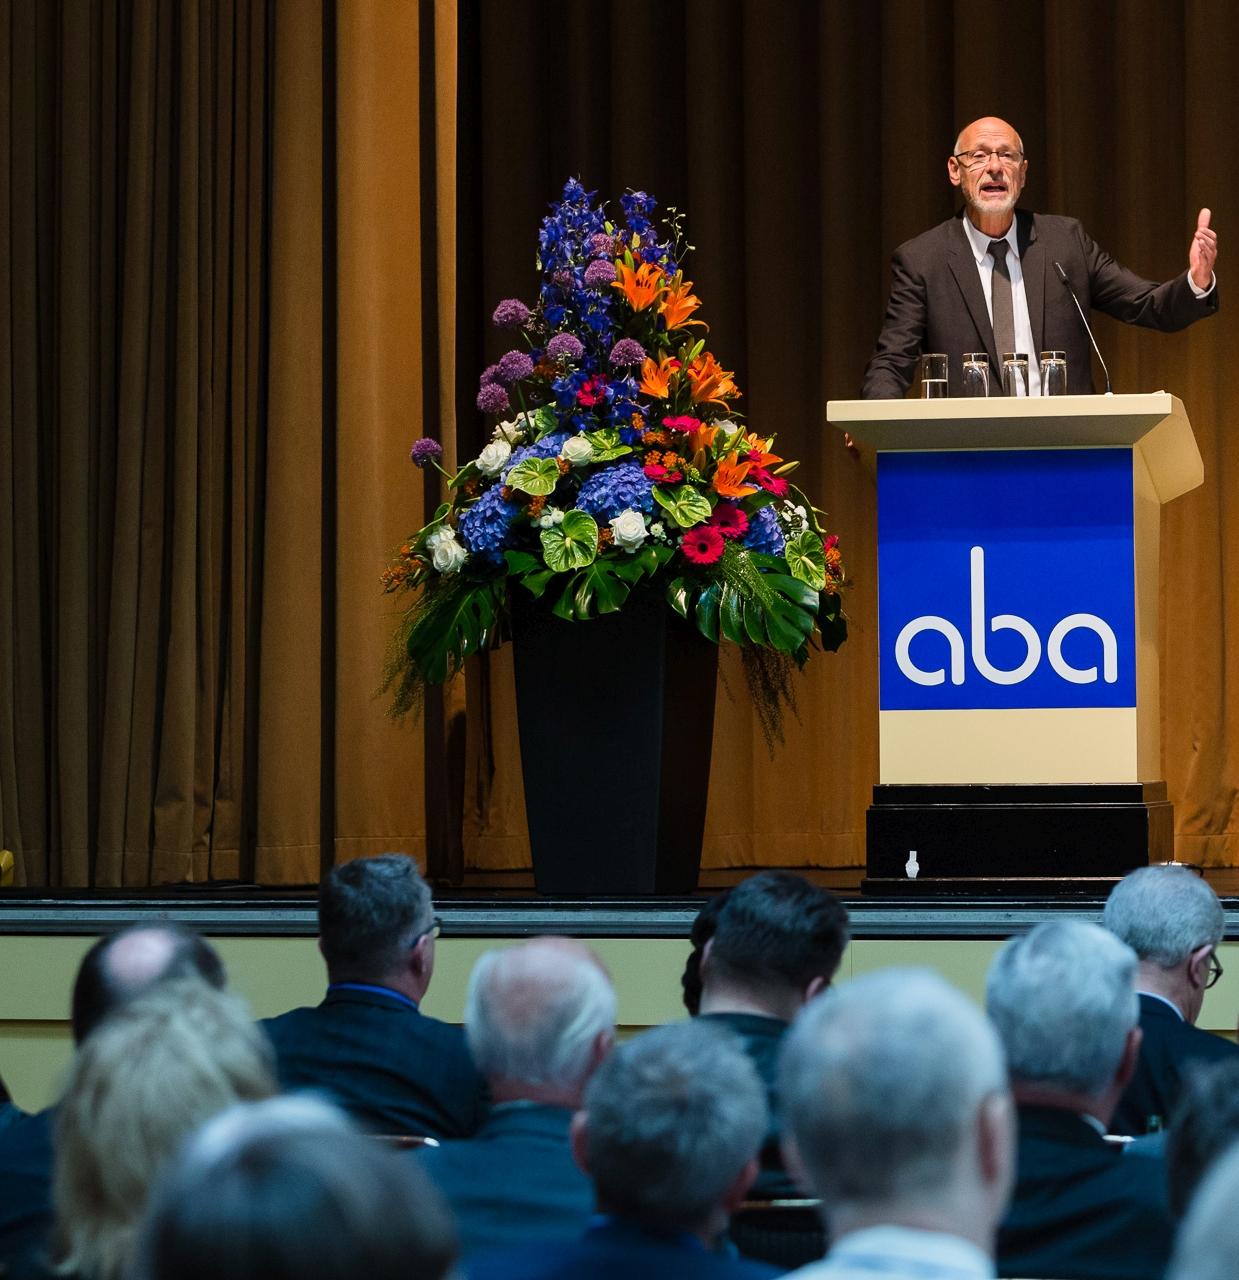 Heribert Karch während seiner Rede auf der aba-Jahrestagung am 7. Mai 2015 in Berlin. Foto: aba